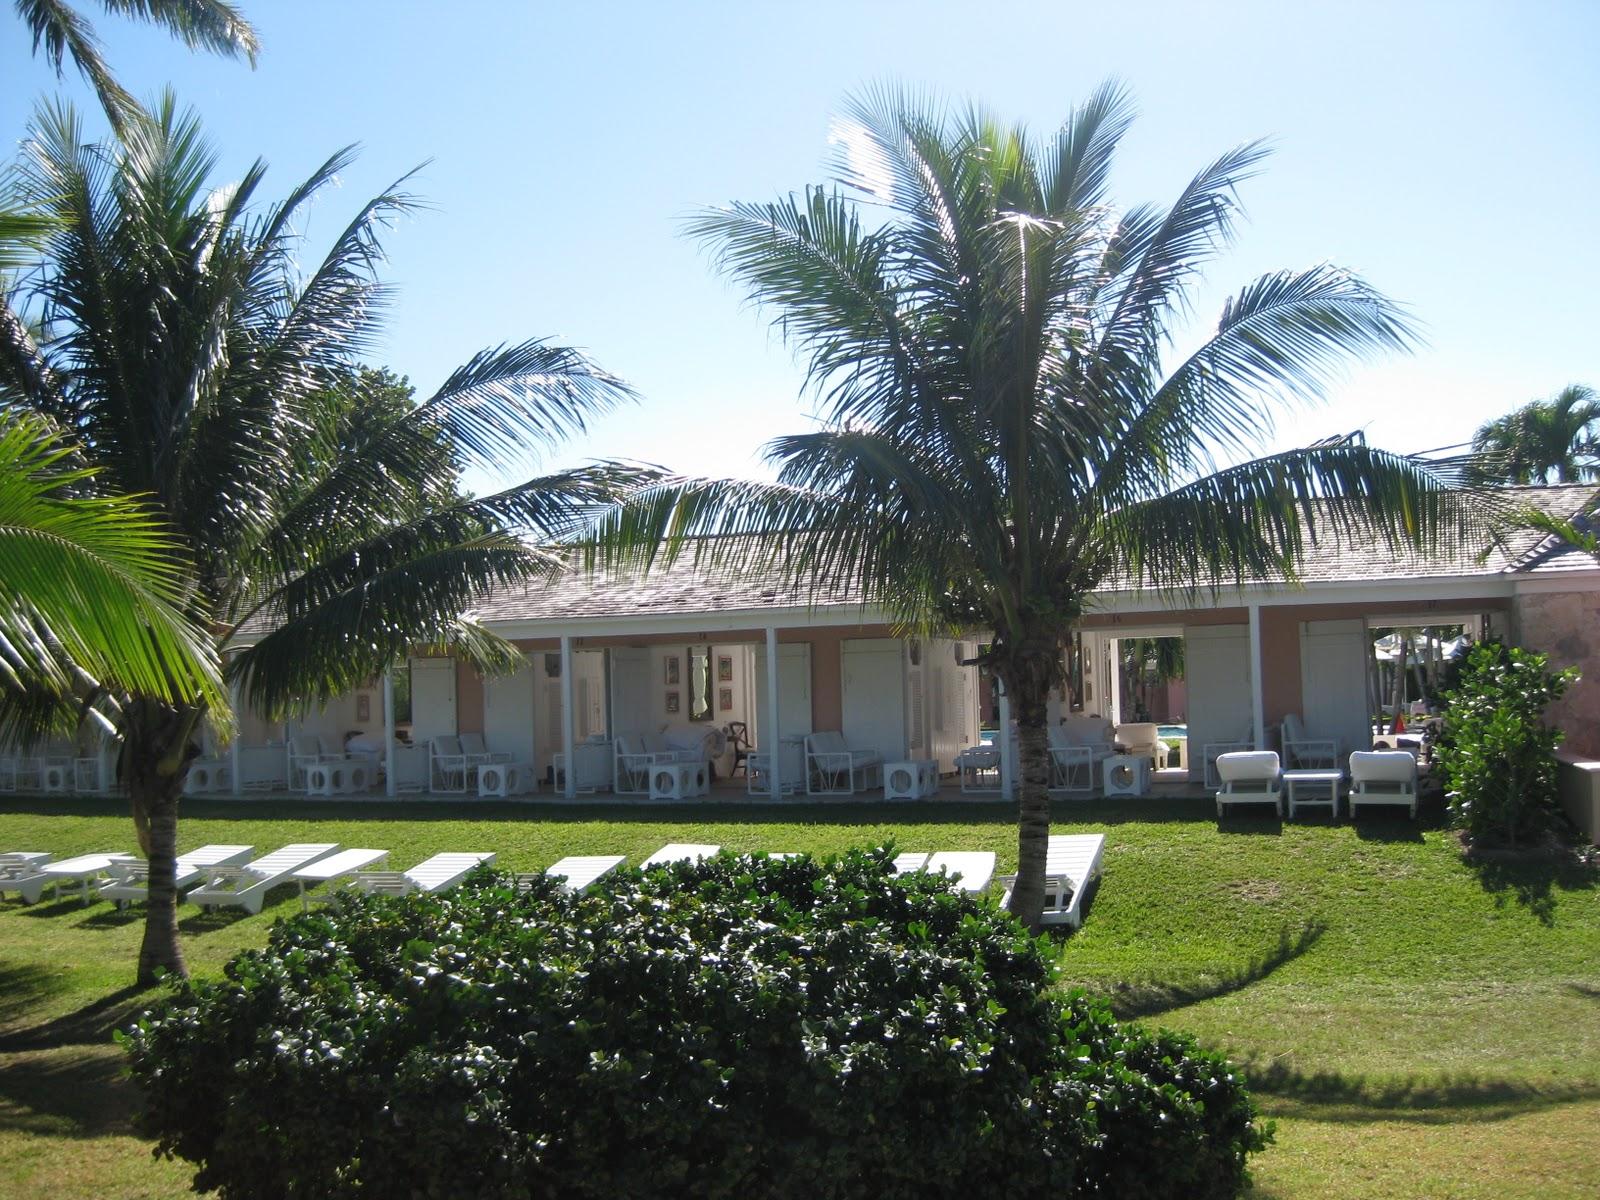 Maison de diana destination bahamas for Maison atlantis